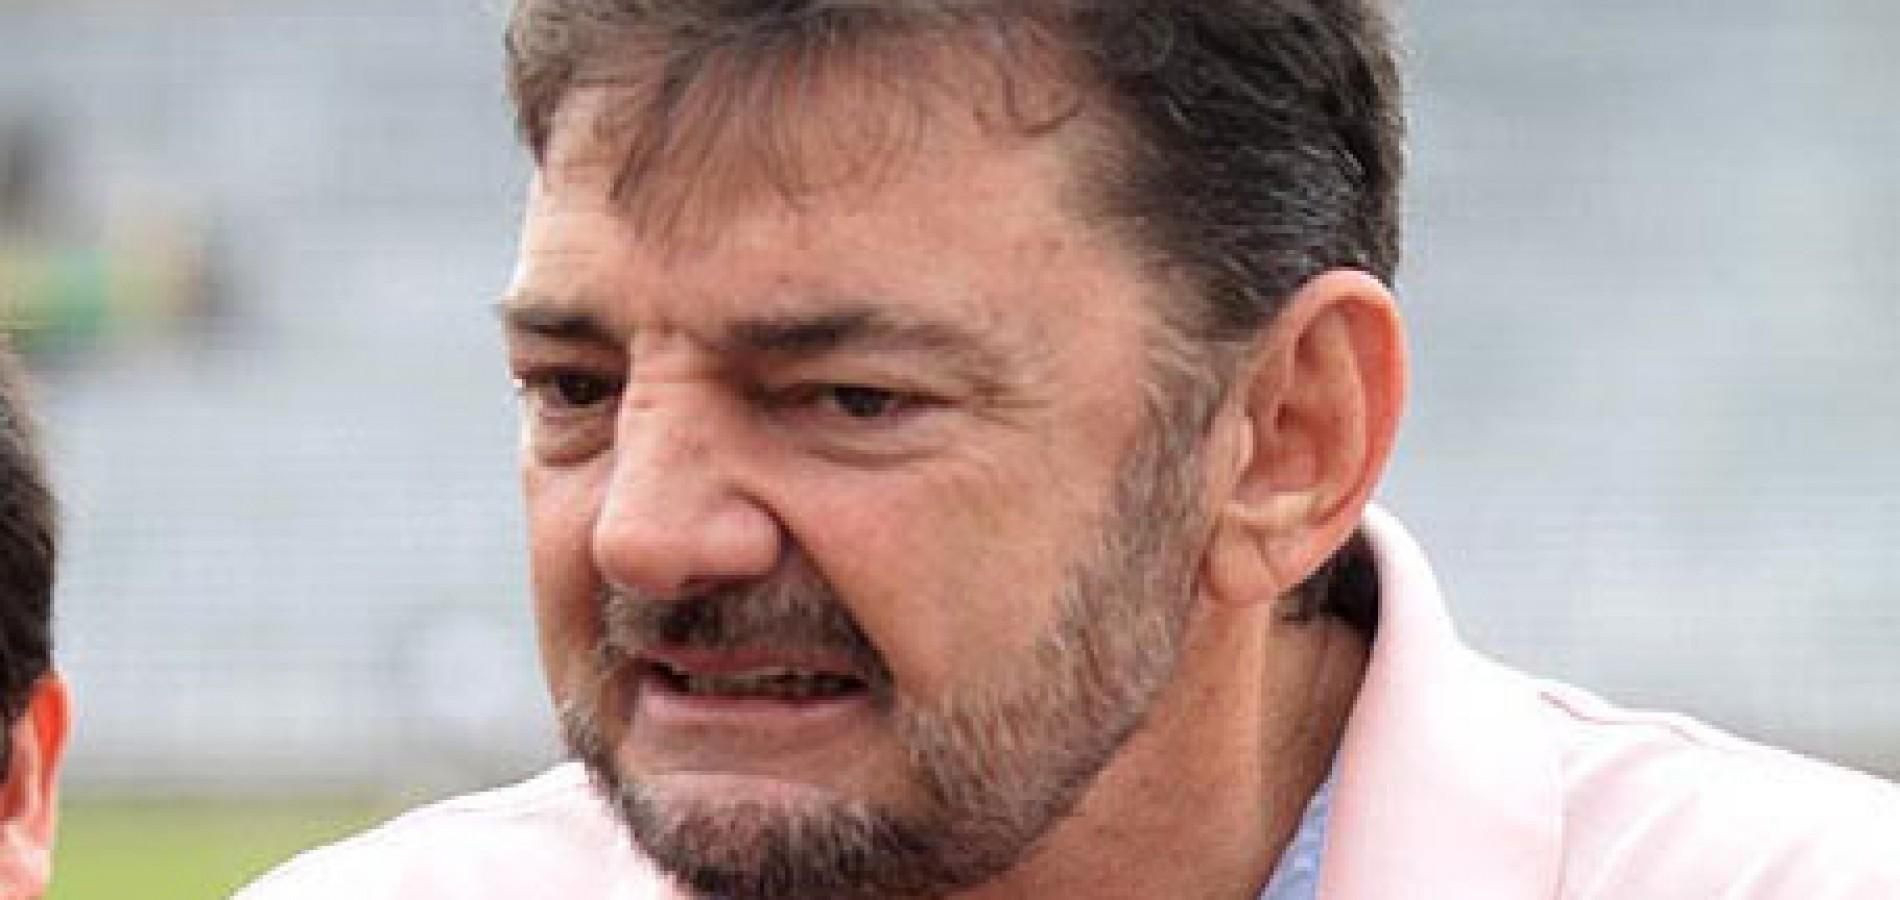 Governador inaugura asfalto em Patos e visita mais três municípios nesta quarta (26). Veja agenda!